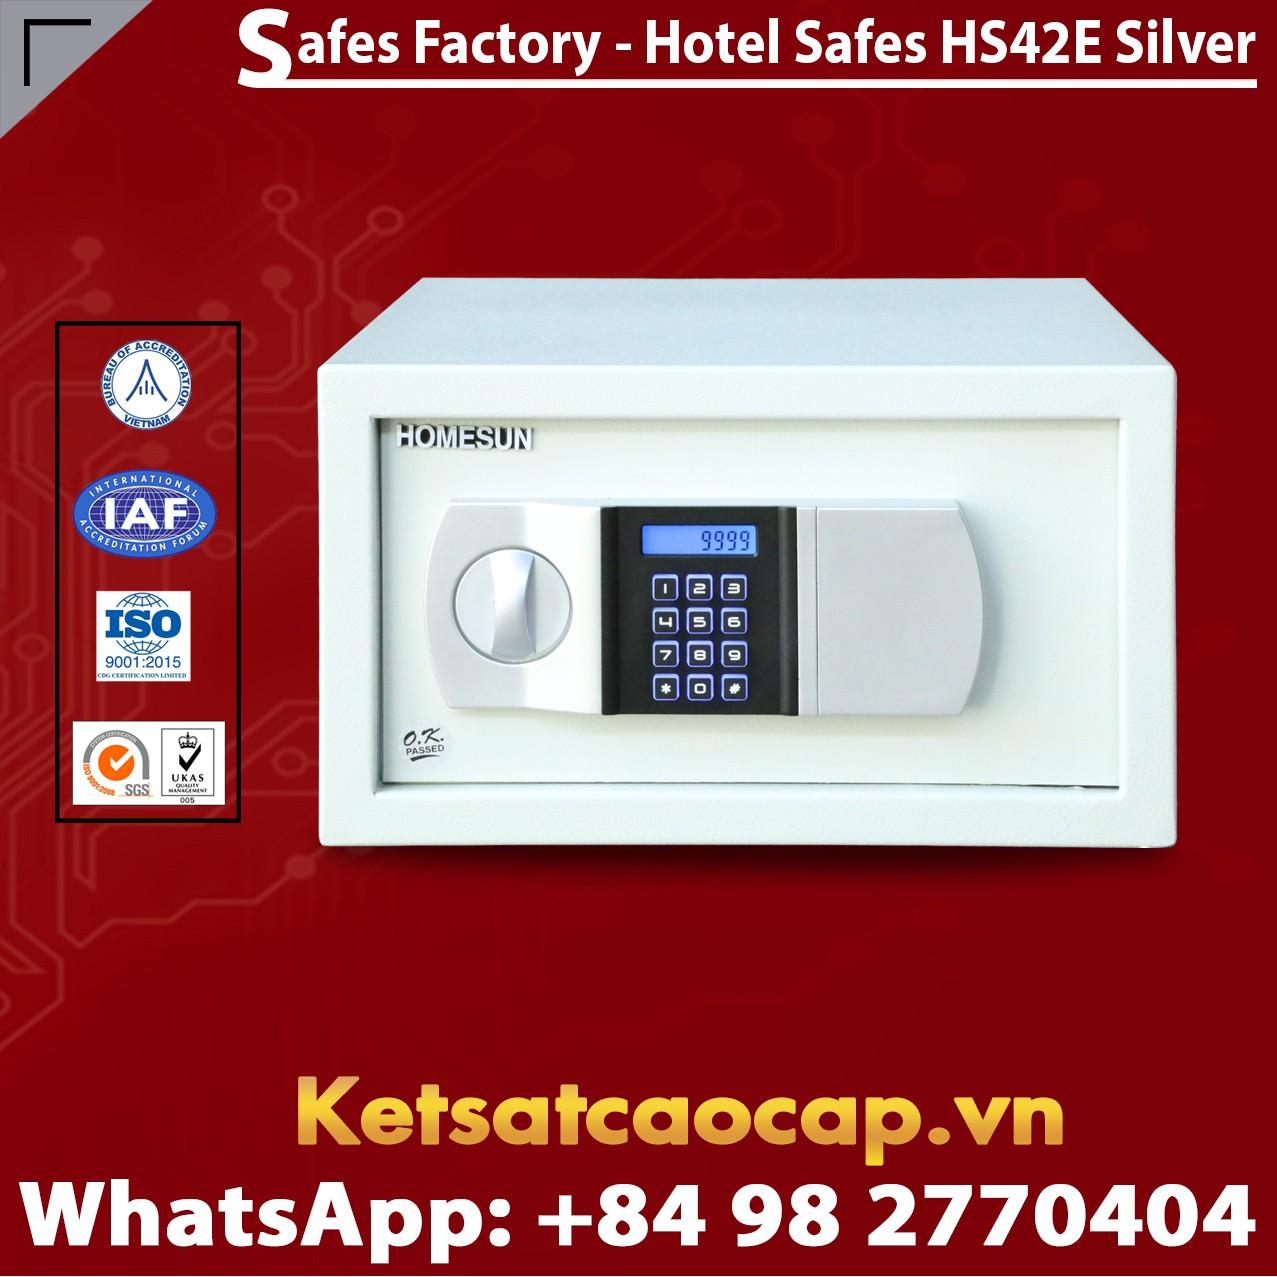 Két Sắt Khách Sạn Hotel Safes HOMESUN HS42 E Silver